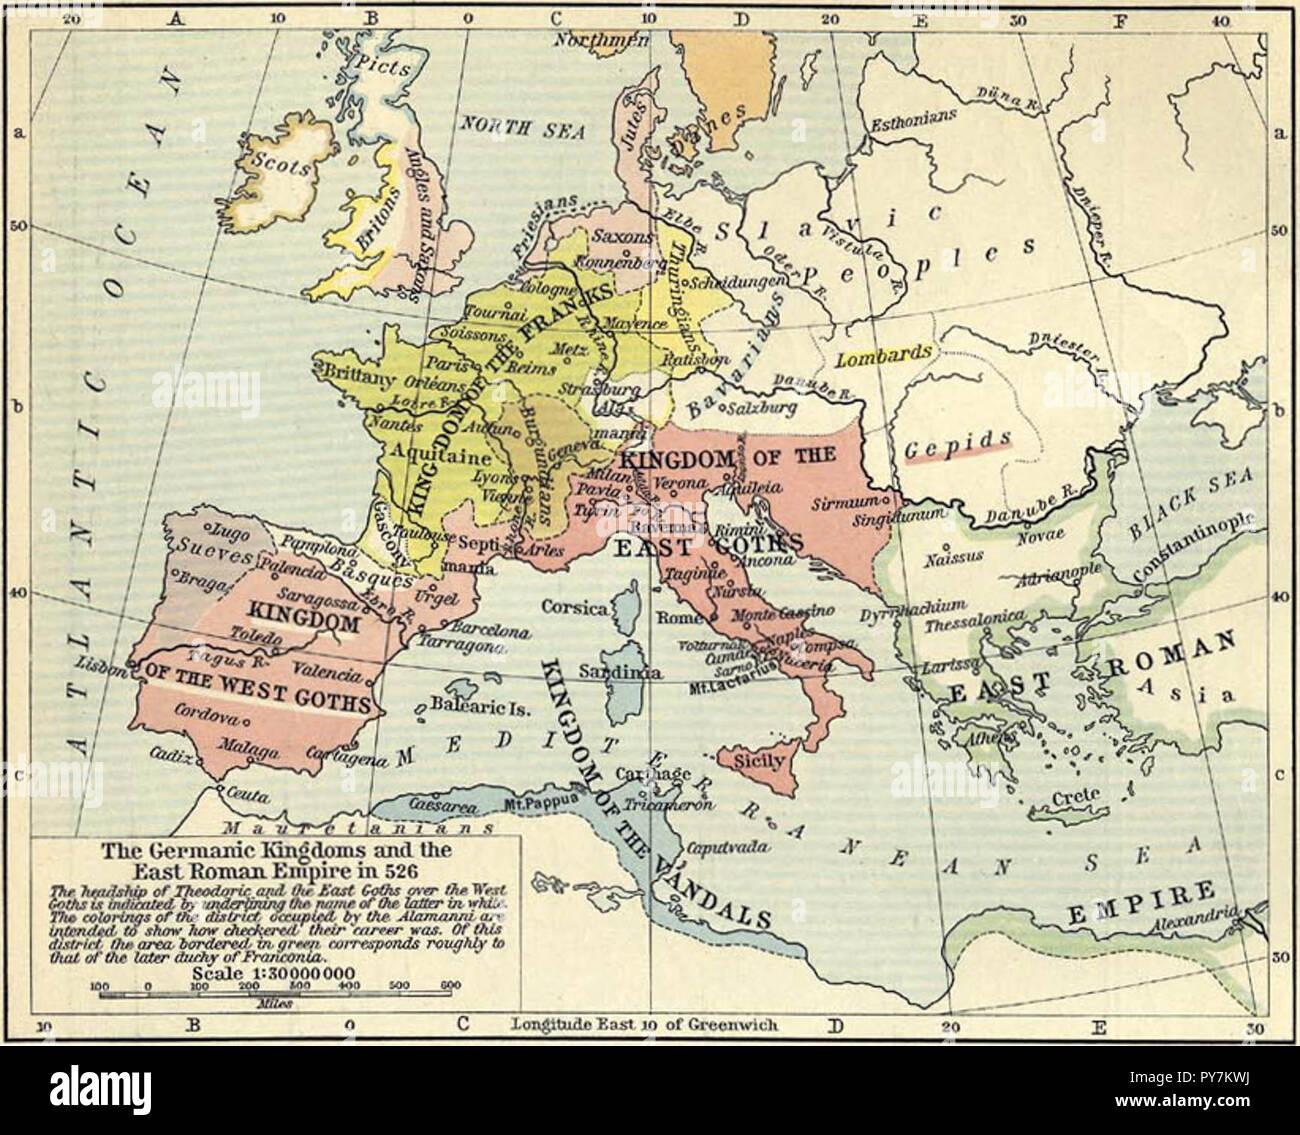 Carte illustrant les royaumes germaniques de l'Europe en 526 et l'Empire romain Photo Stock